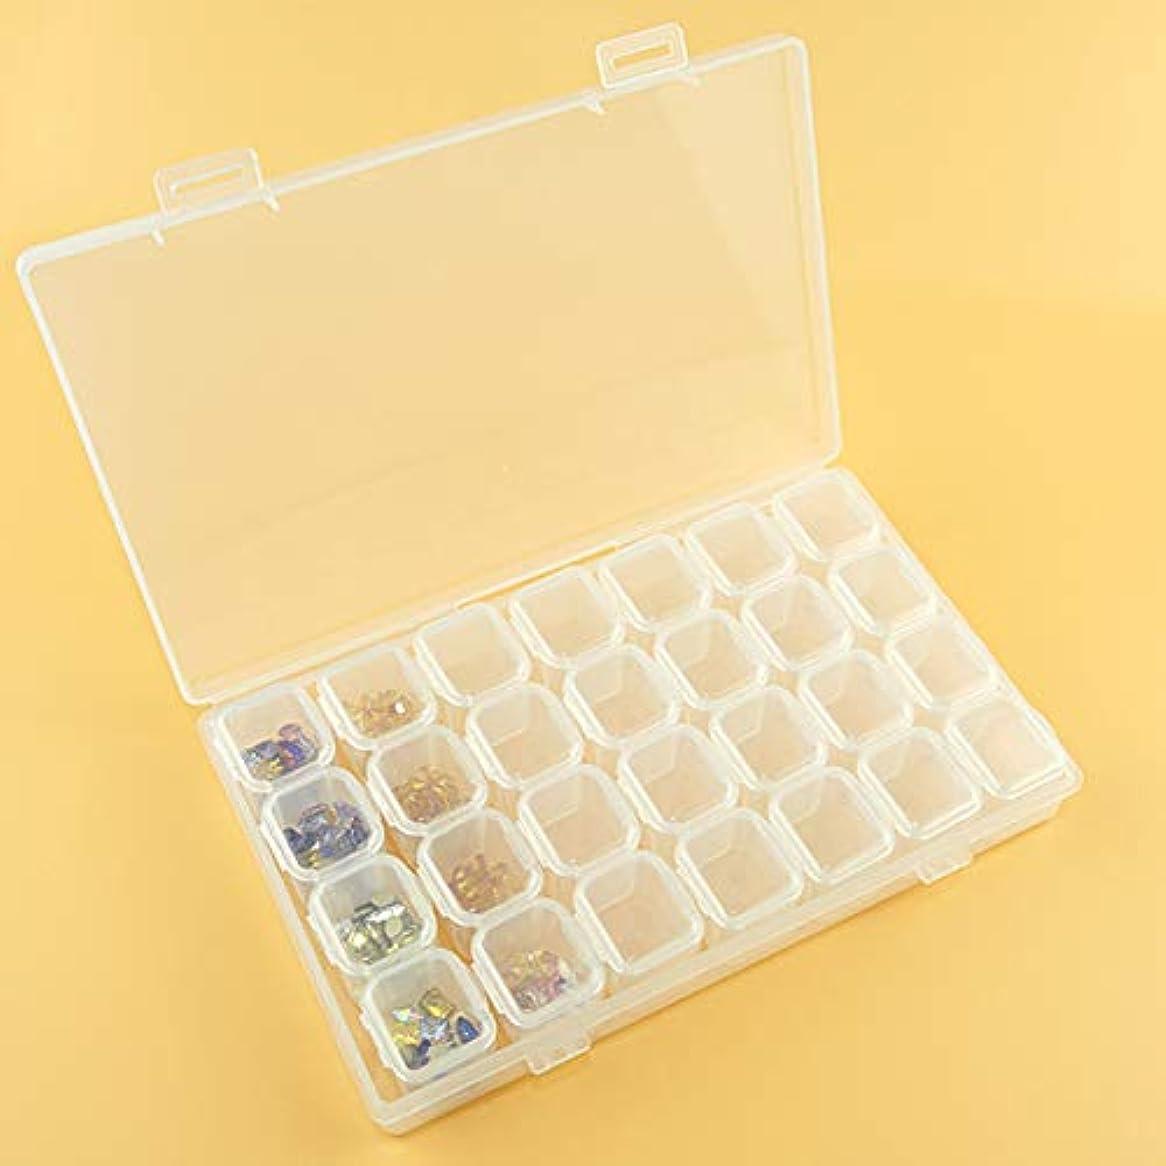 エスニックパウダー天使hamulekfae-透明28コンパートメントネイルアートラインストーンジュエリー装飾収納ボックス - 透明Transparent